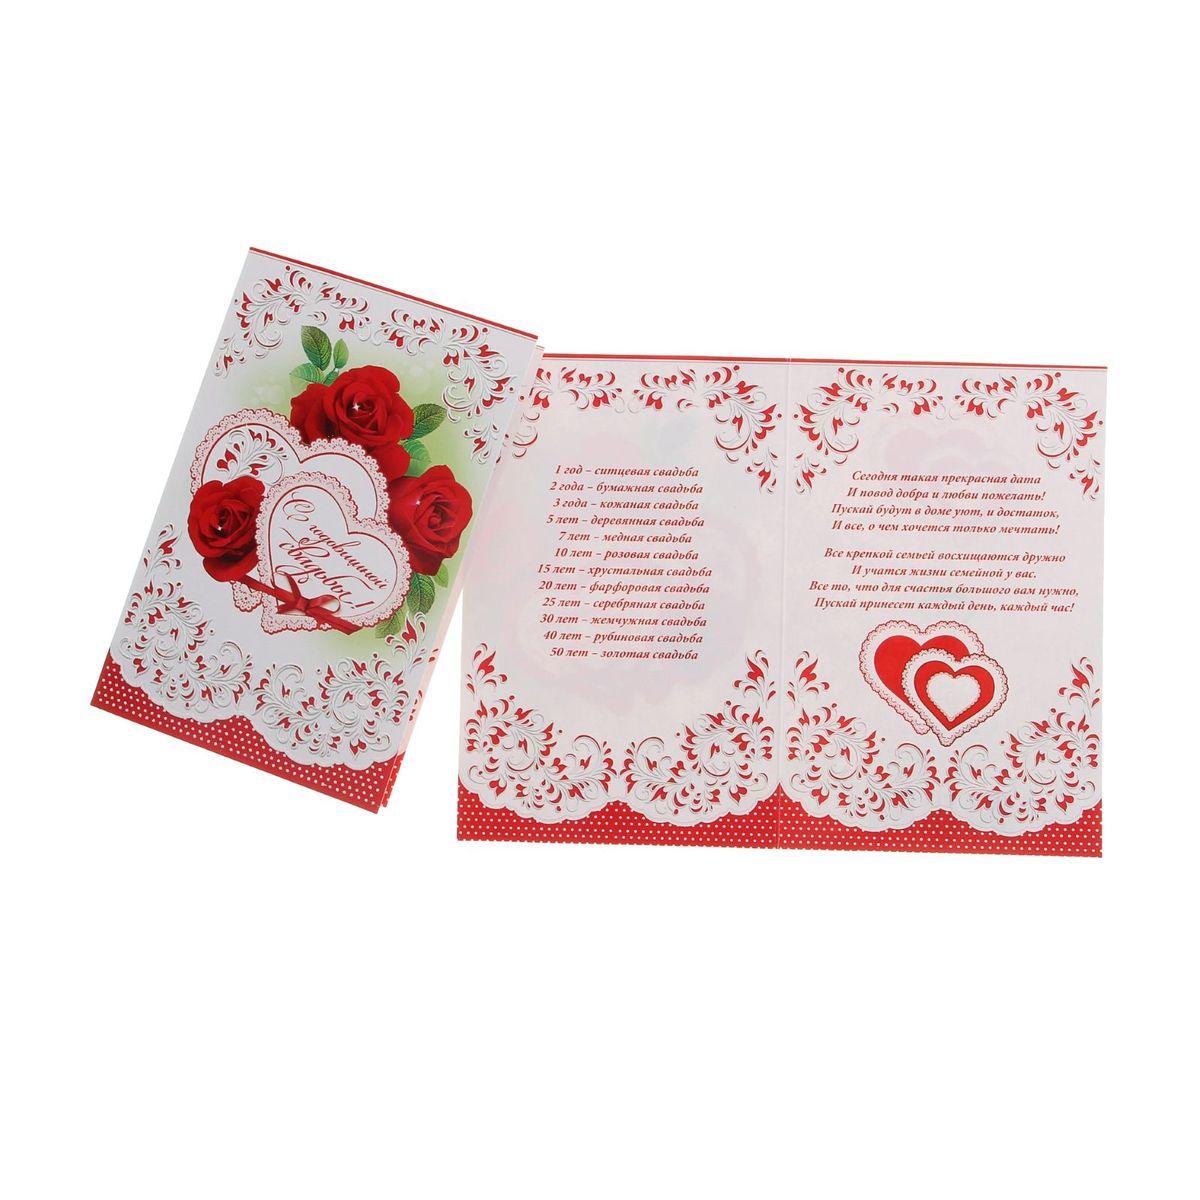 Открытка Мир открыток С годовщиной свадьбы! Сердце и розыRG-D31SЕсли вы хотите порадовать себя или близких, создать праздничное настроение и с улыбкой провести памятный день, то вы, несомненно, сделали правильный выбор! Открытка Мир открыток С годовщиной свадьбы! Сердце и розы, выполненная из картона, отличается не только оригинальным дизайном, но и высоким качеством.Лицевая сторона изделия оформлена красивым изображением сердец и красных роз. Внутри открытка содержит текст с поздравлением.Такая открытка непременно порадует получателя и станет отличным напоминанием о проведенном вместе времени.